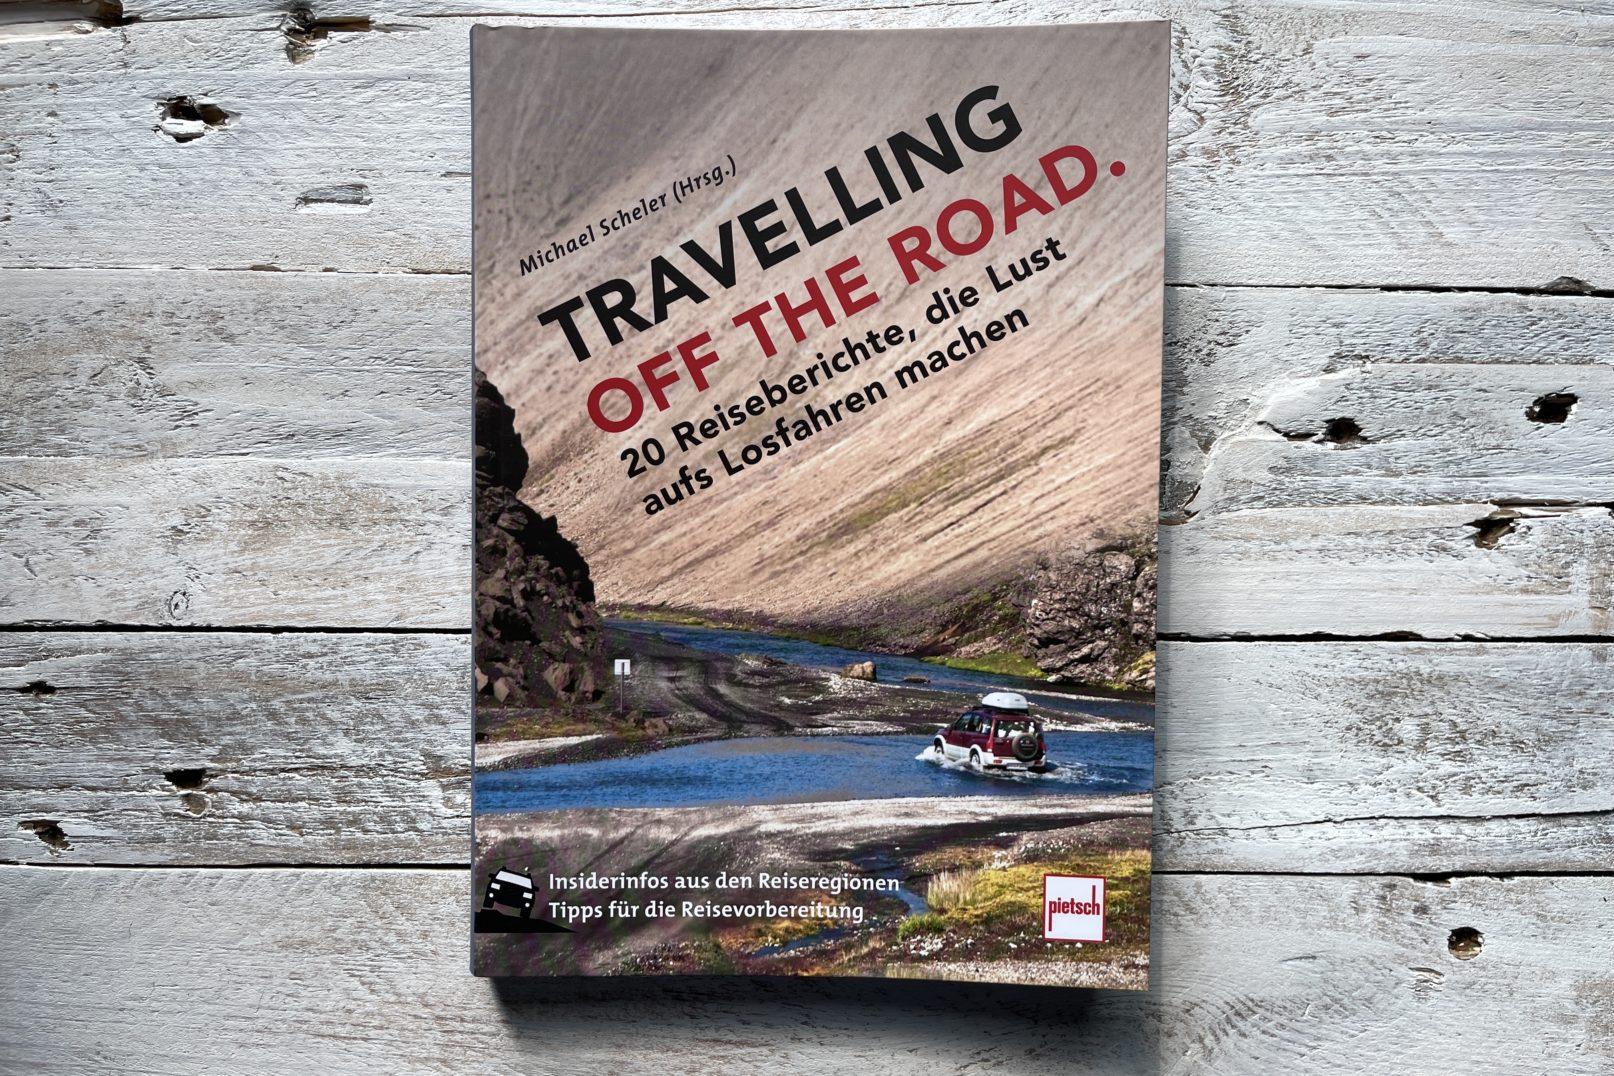 Buchvorstellung: Travelling of the road – 20 Reiseberichte, die Lust aufs Losfahren machen